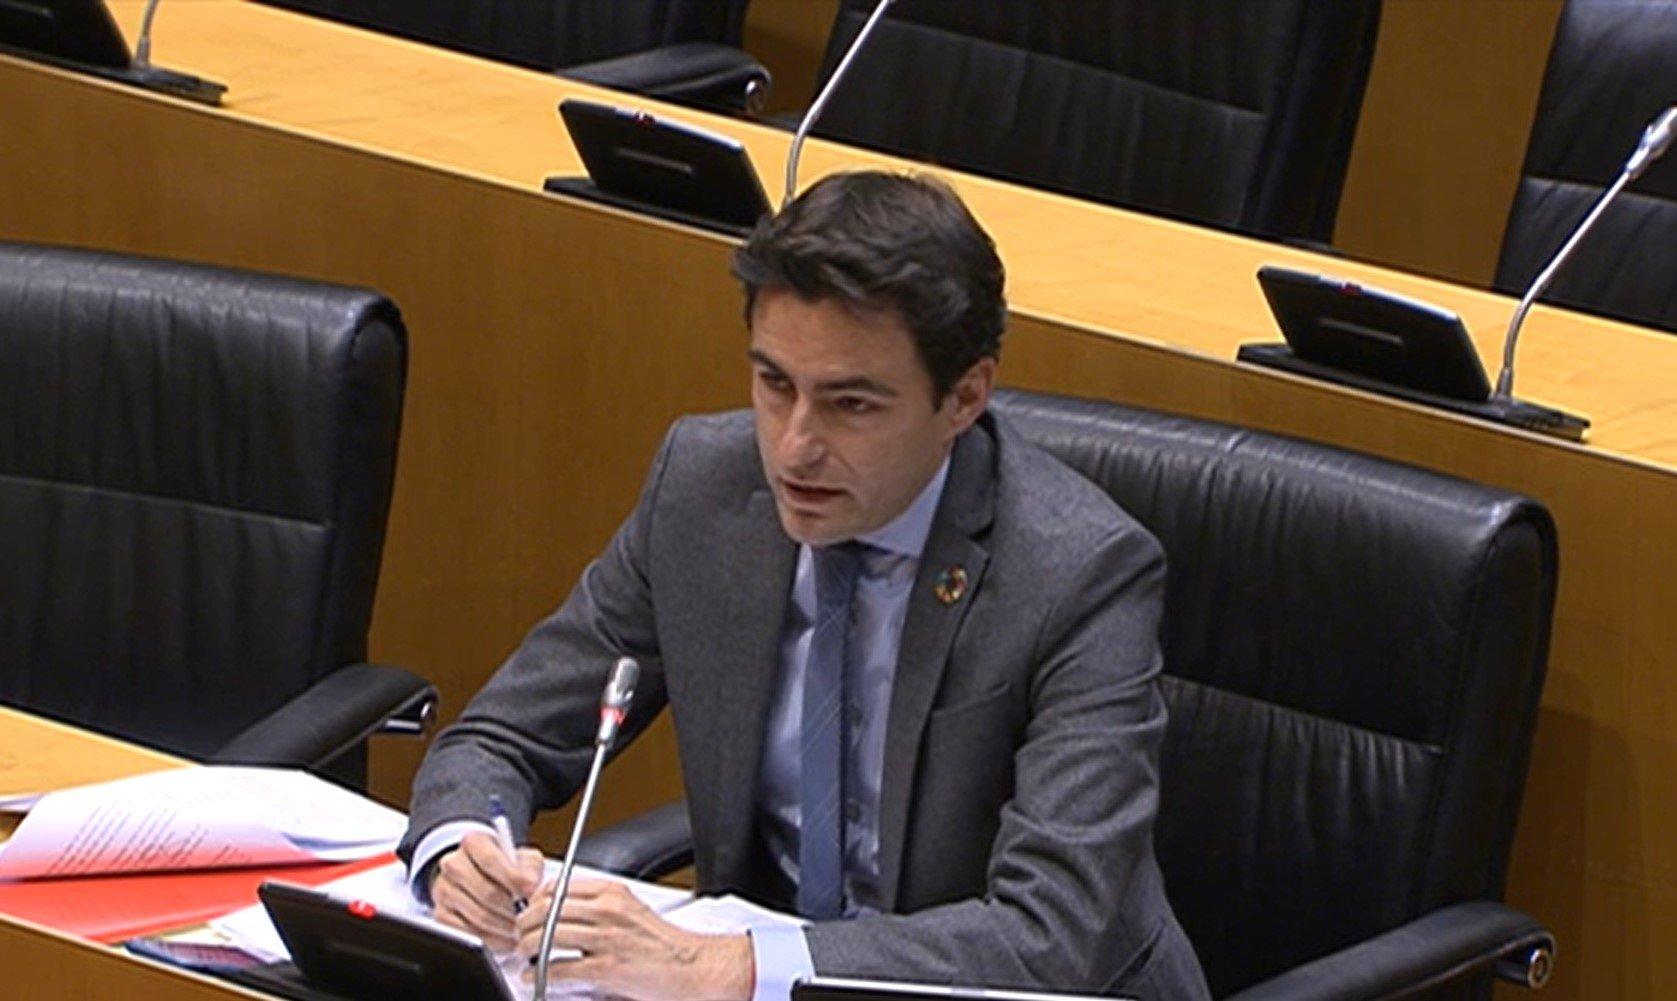 El diputado del PSOE por Cantabria, Pedro Casares, encarna a la perfección el espíritu censor de los socialistas